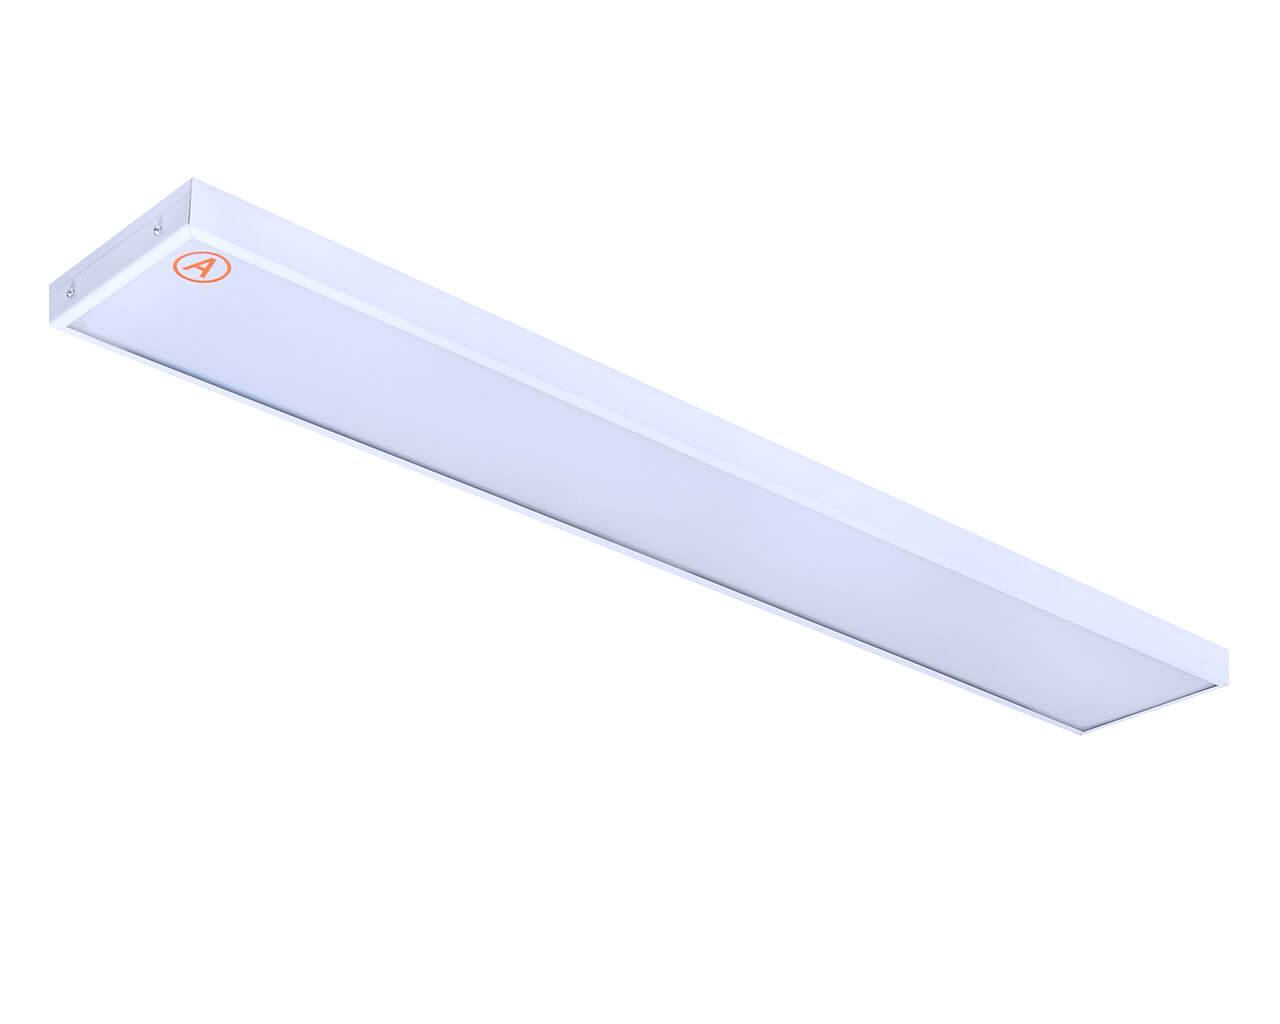 Накладной светильник LC-NS-80-OP-WW ватт 1195x180 Теплый белый Опал с Бап-3 часа